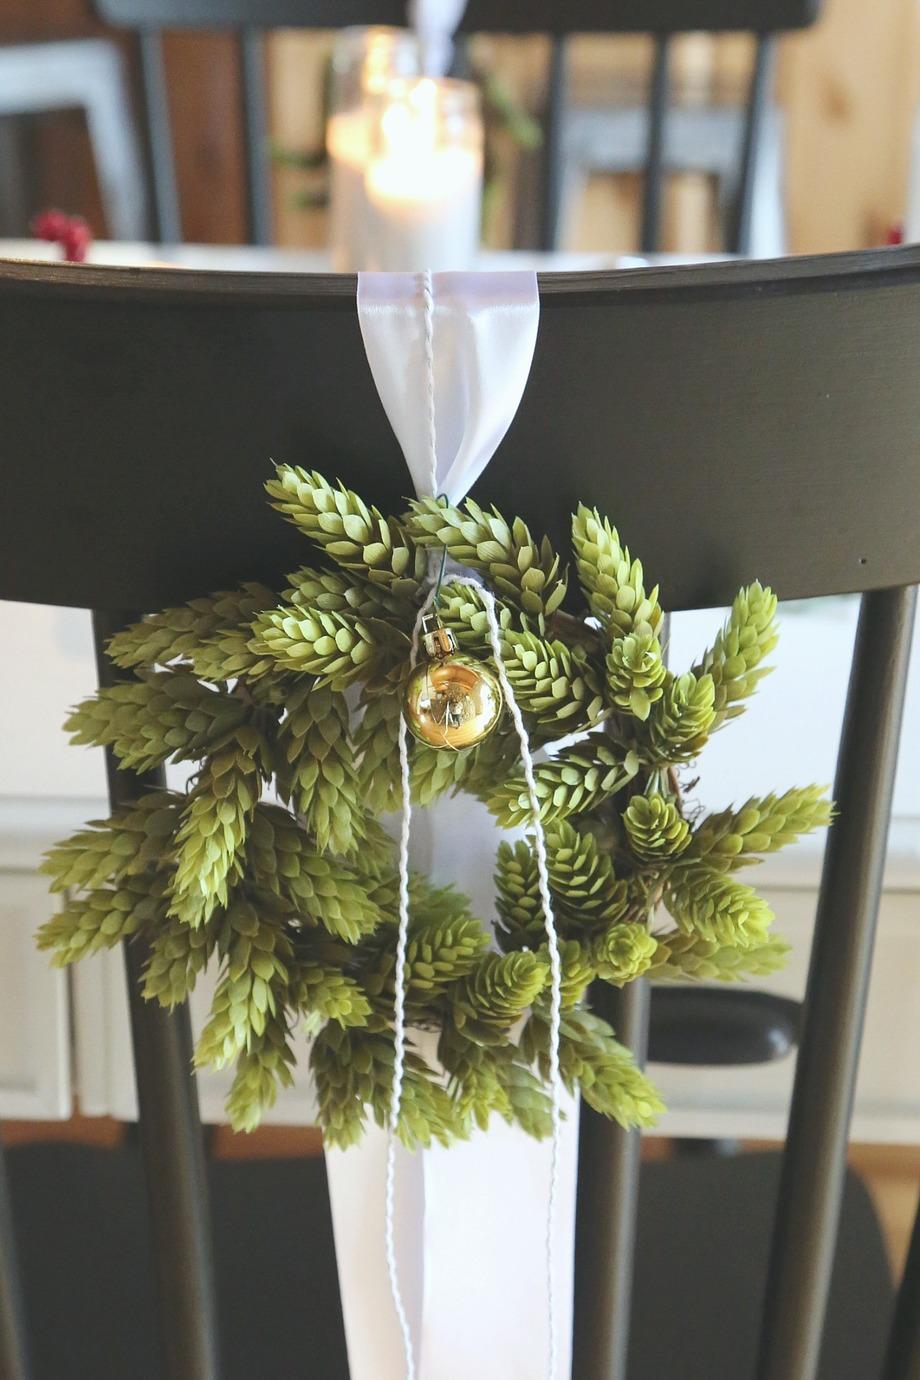 Christmas wreath on chair.